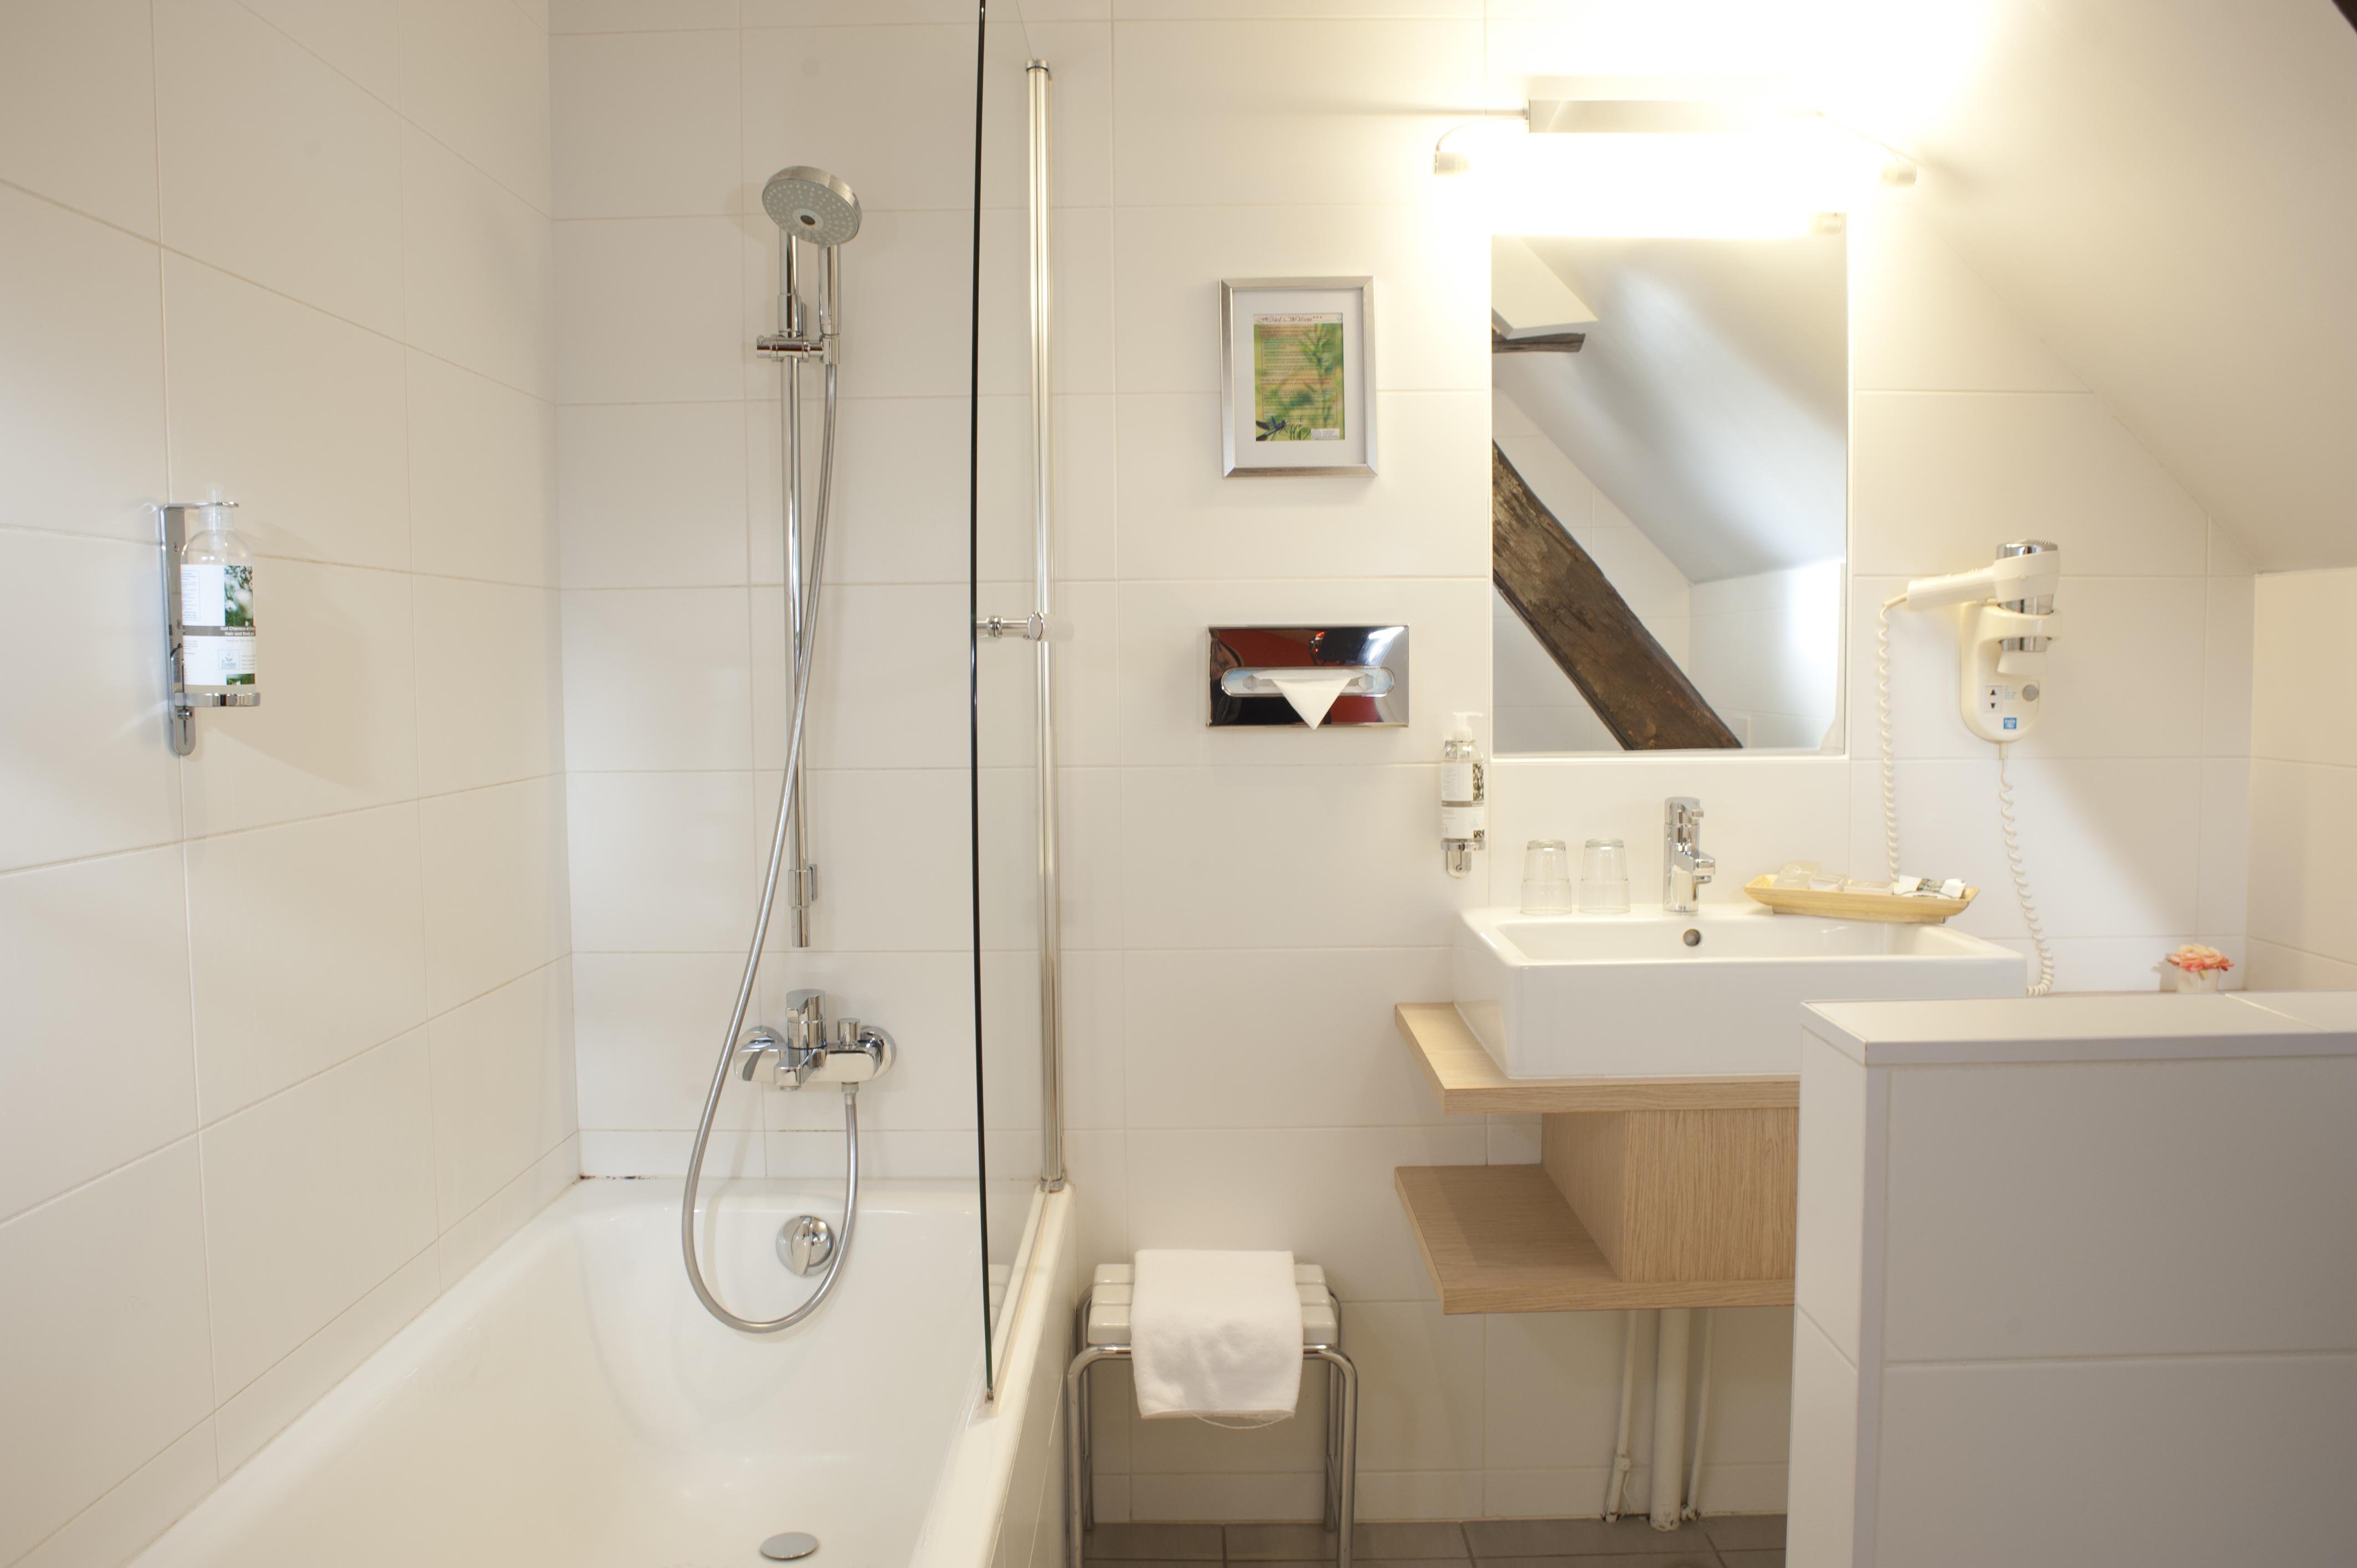 salle-de-bain-hotel-wilson-dijon-classique